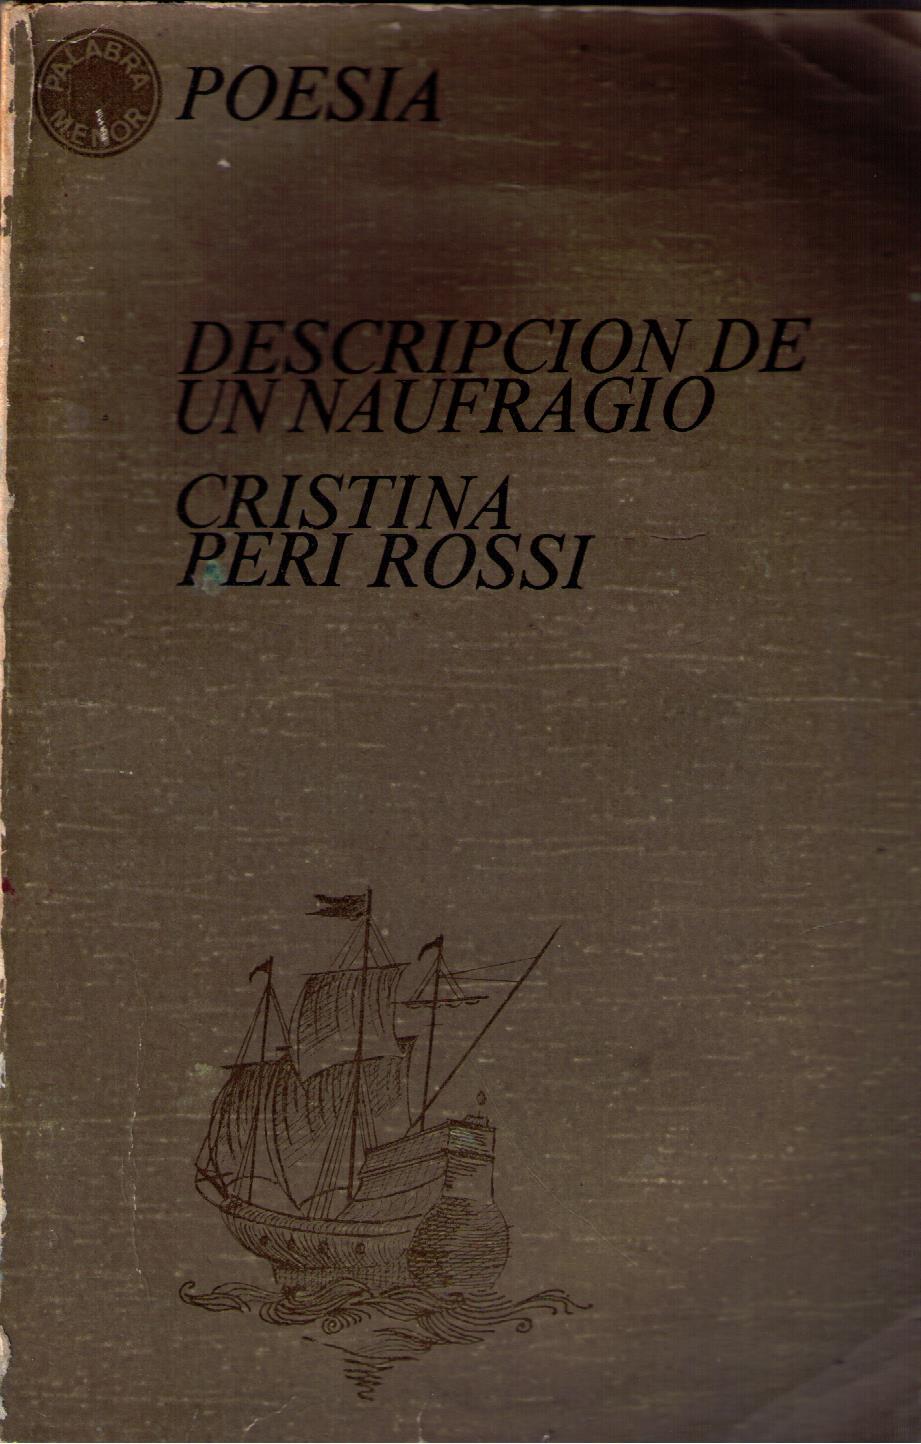 Descripción de un naufragio